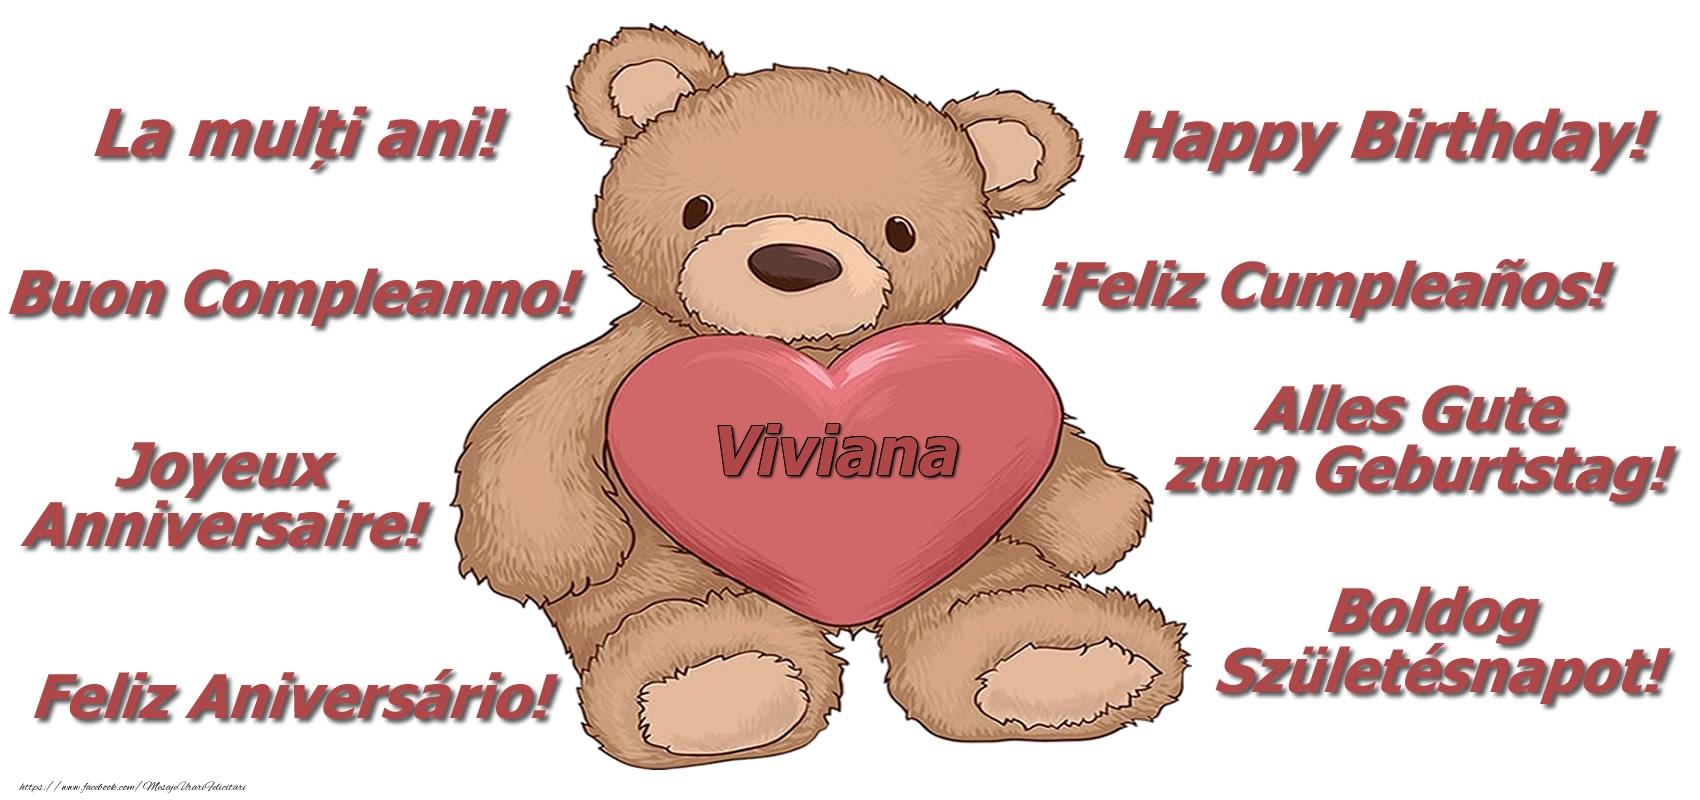 Felicitari de zi de nastere - La multi ani Viviana! - Ursulet